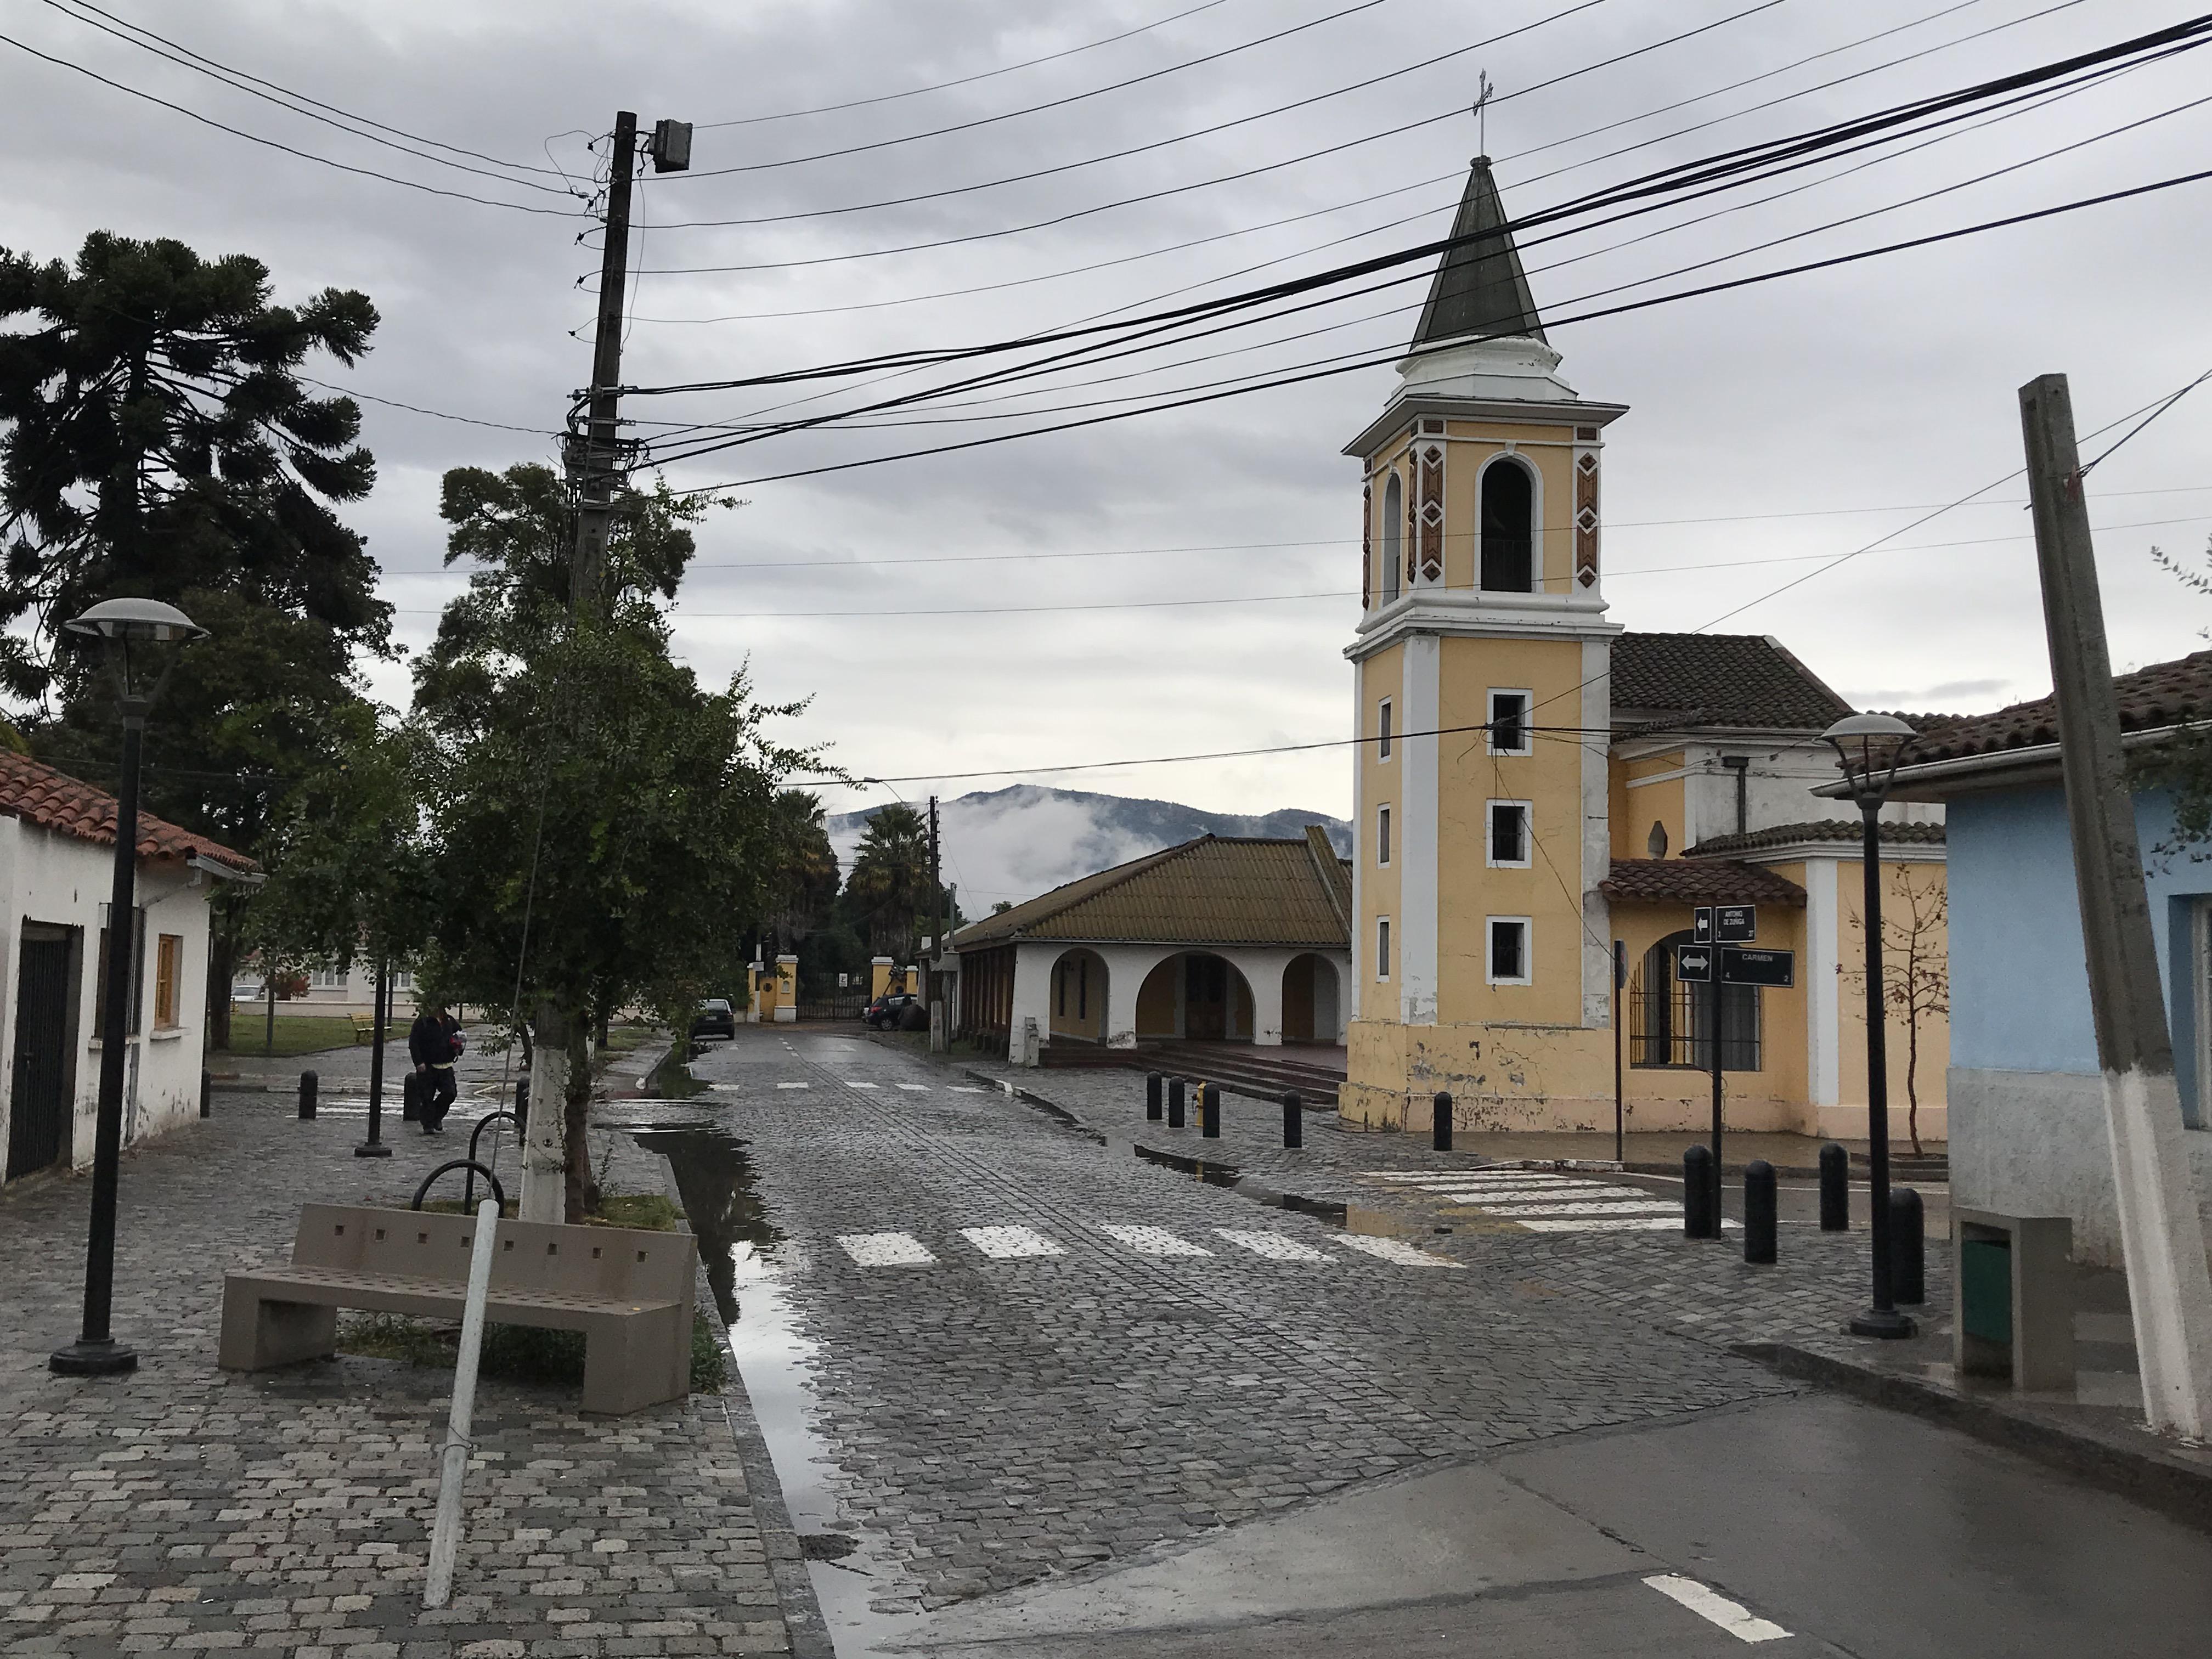 La iglesia de Peumo es una de las más antiguas de la zona.